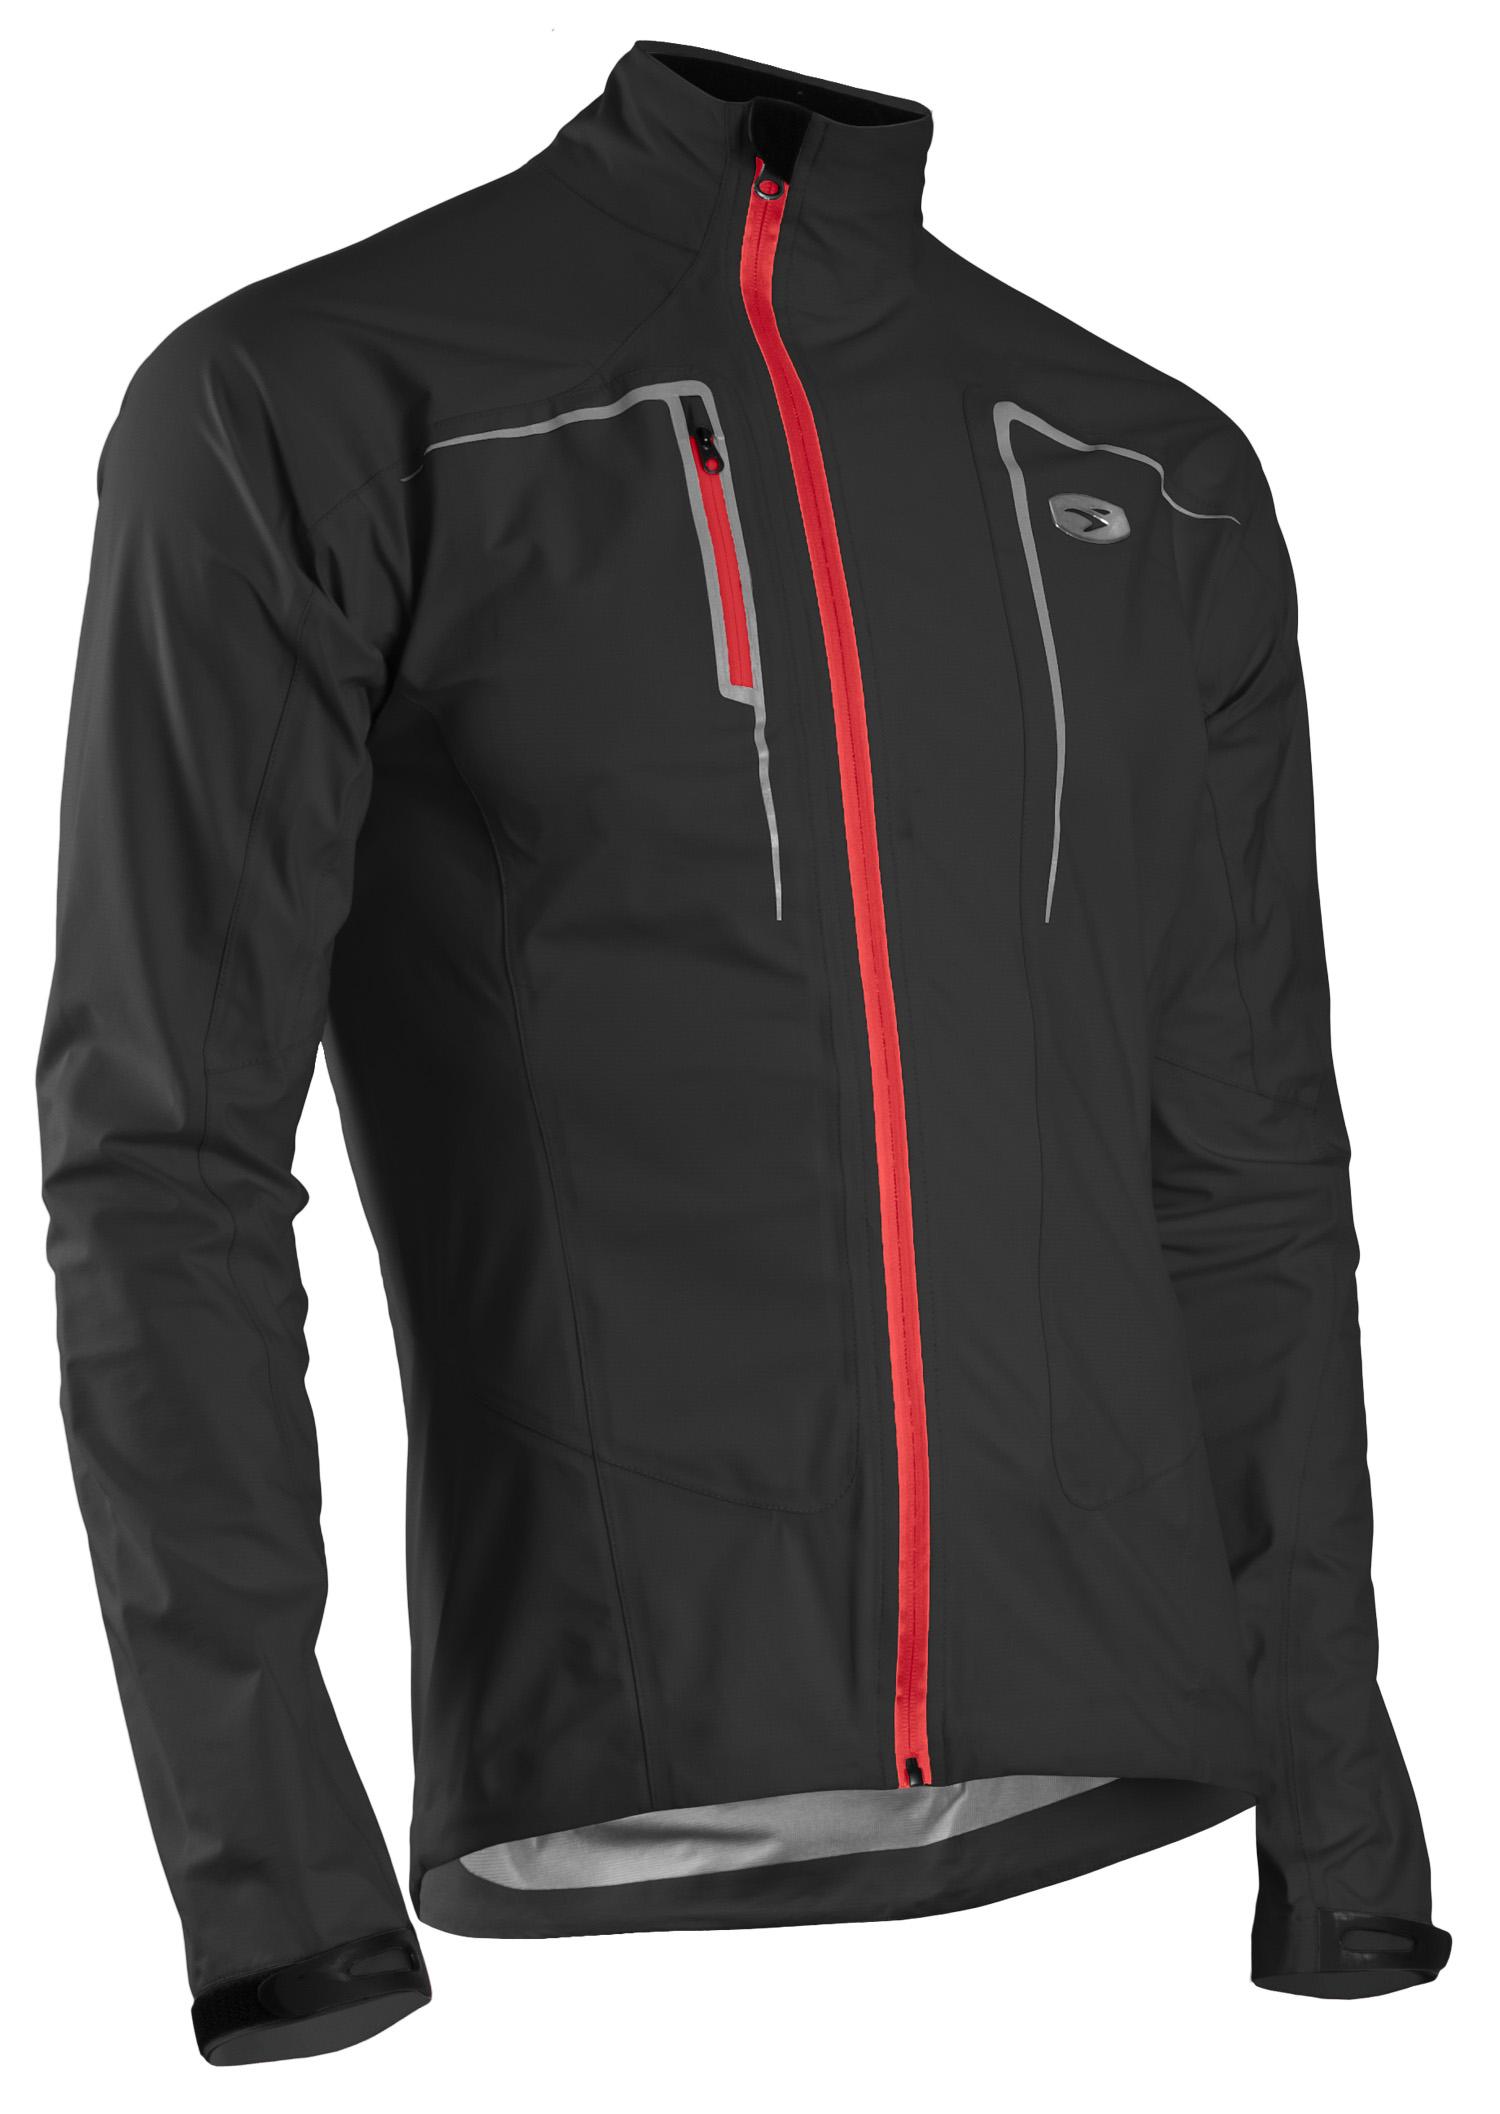 Sugoi RSE Polartecr NeoShellr Jacket